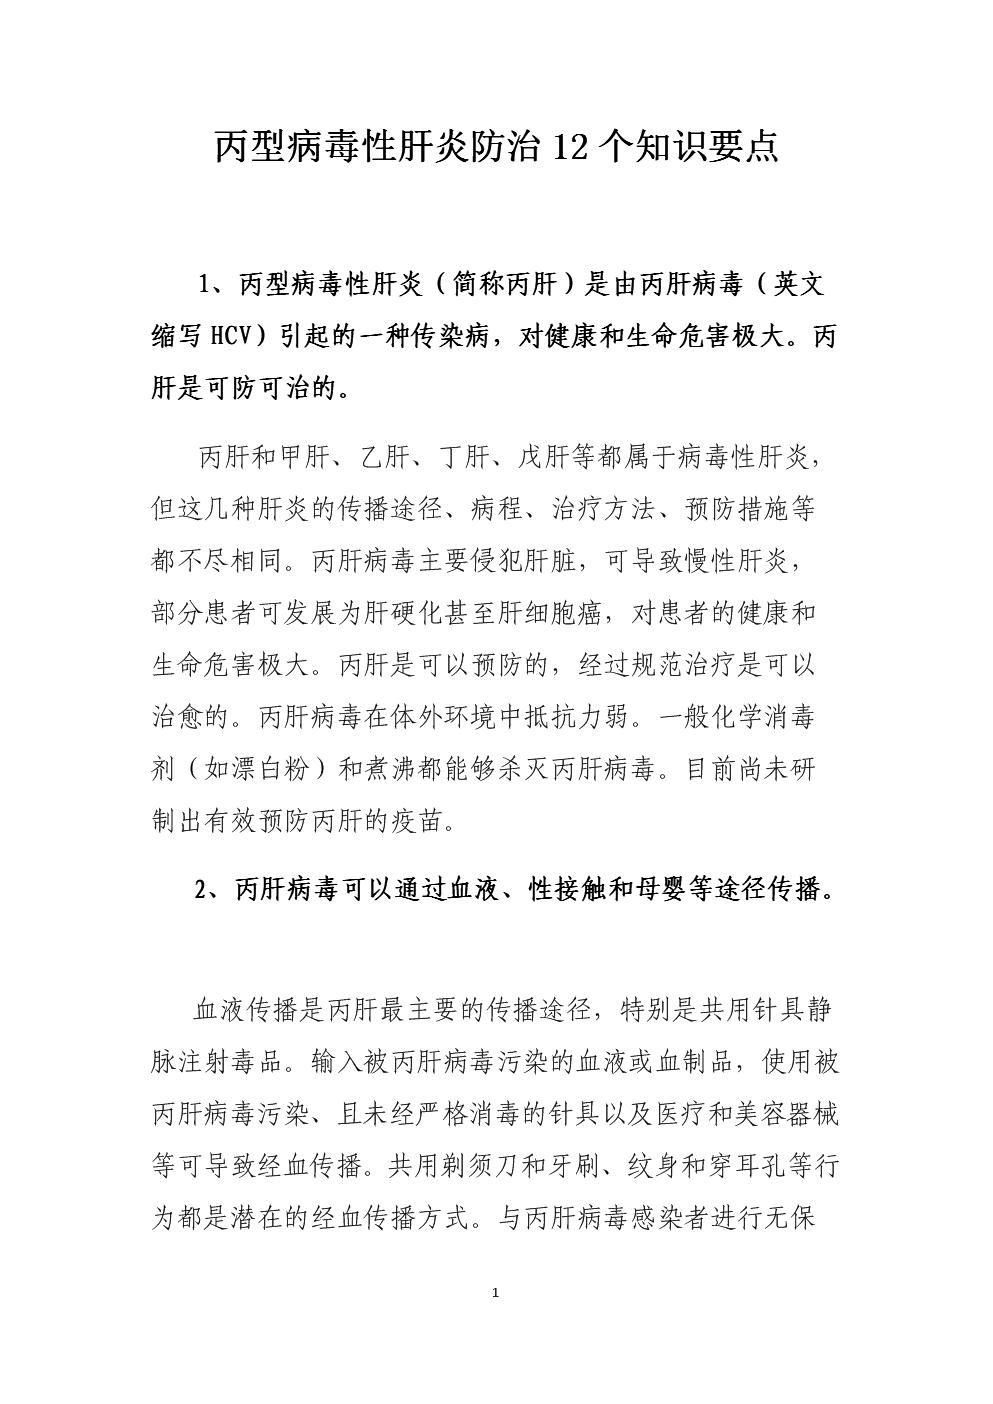 丙型病毒性肝炎防治知识要点.docx